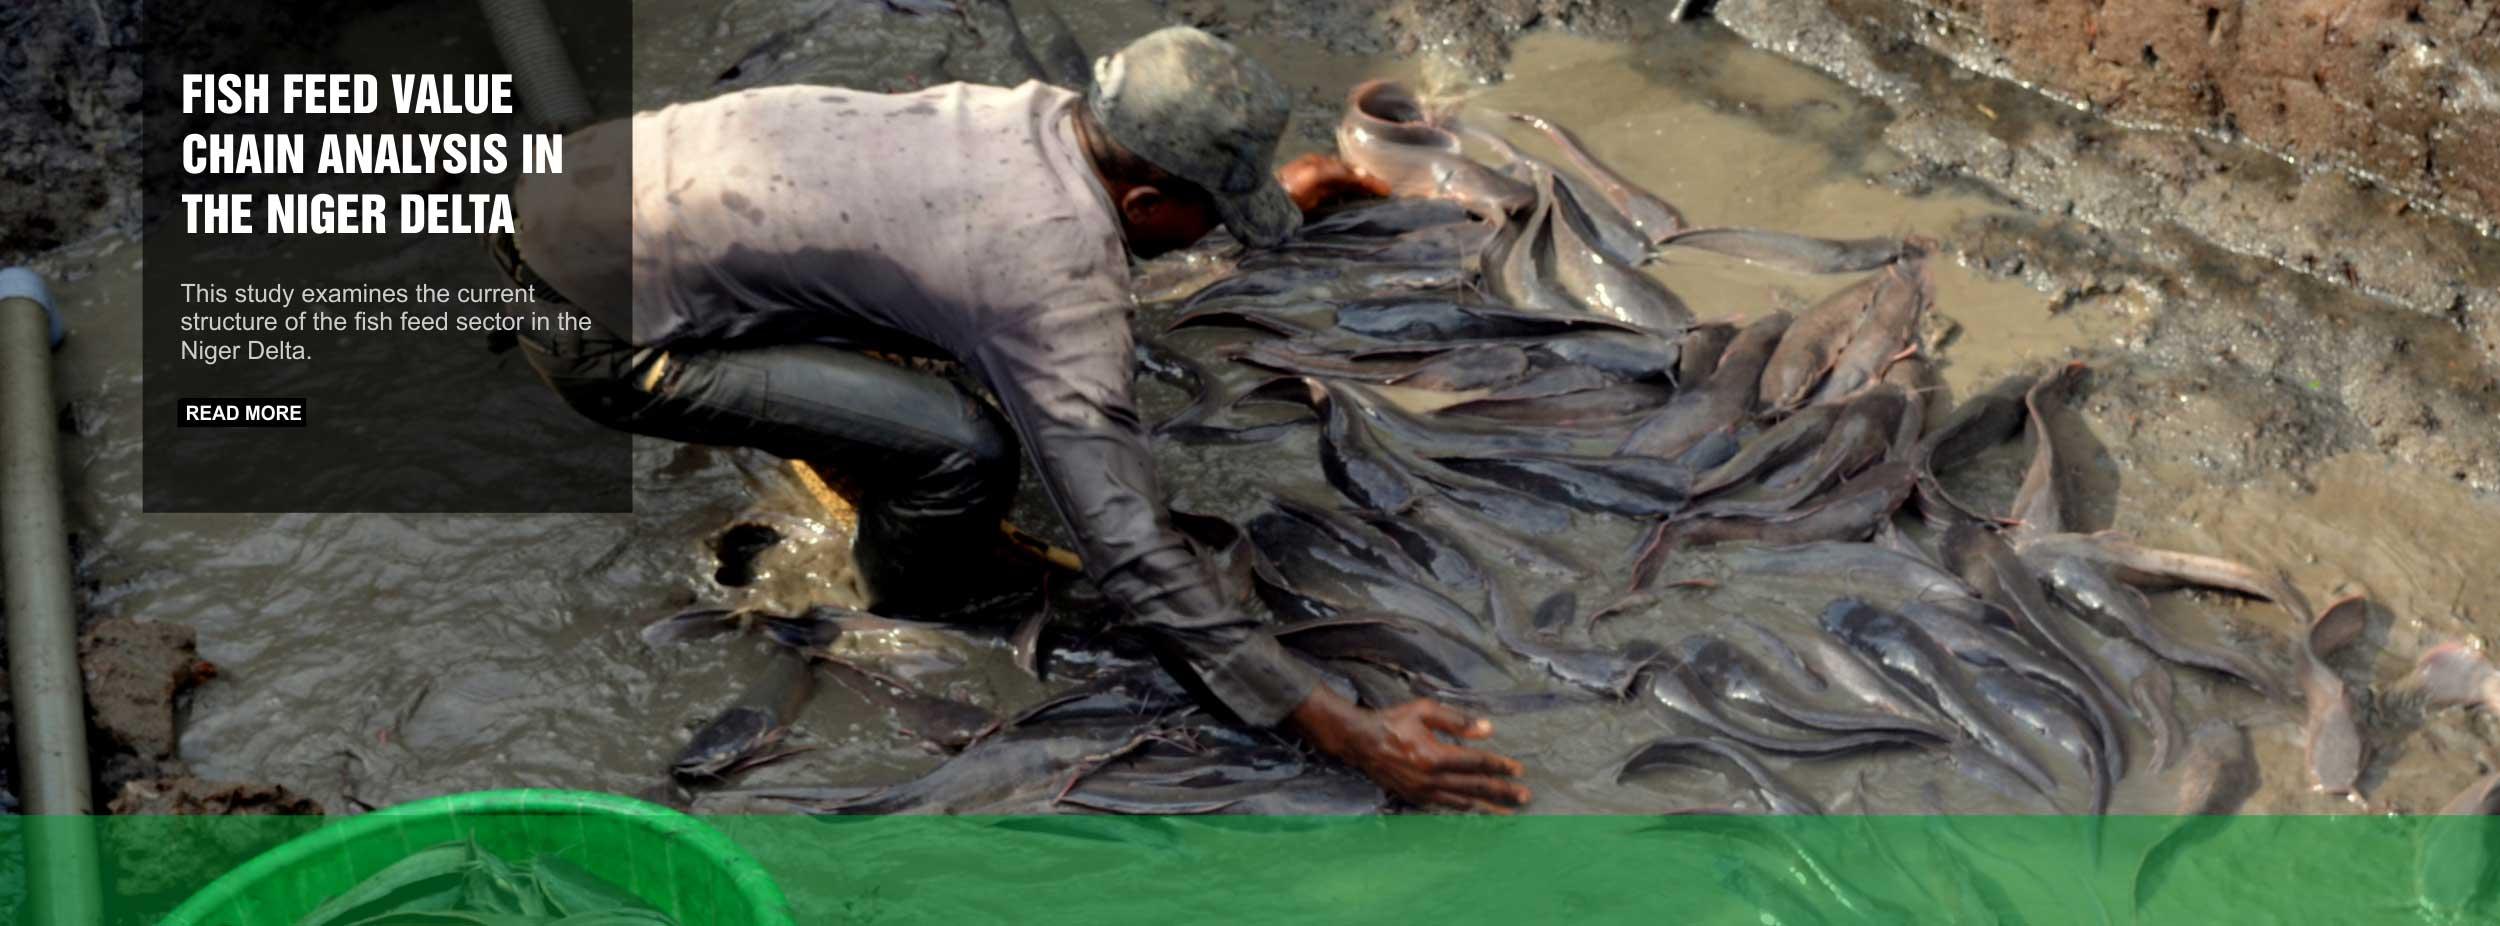 feed-fish-value